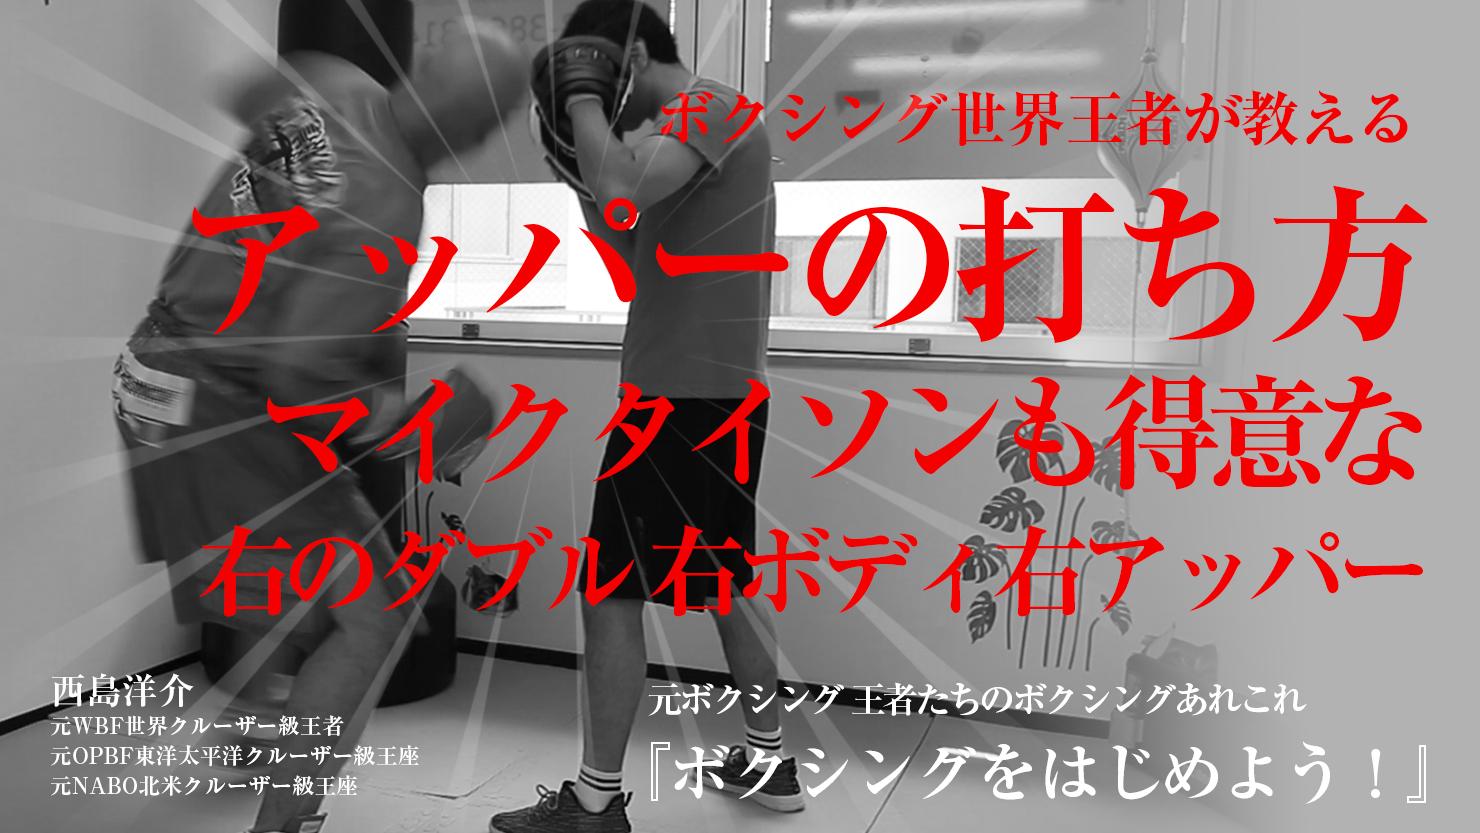 ボクシング世界王者が教えるアッパーカットの打ち方 カクトウログ